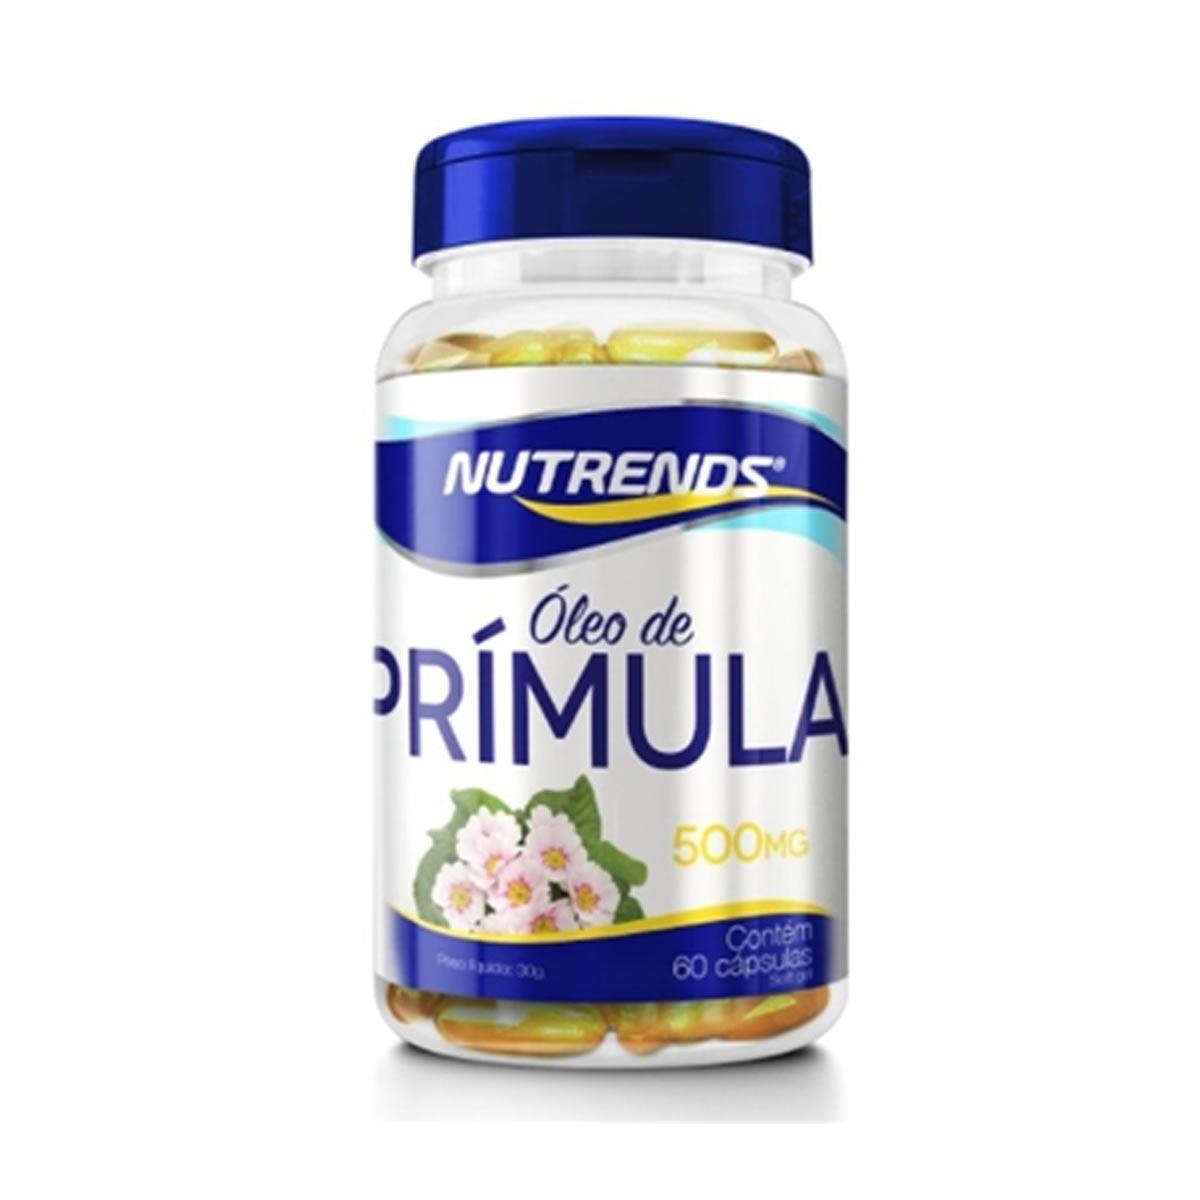 Oleo de Primula 500mg 60 Capsulas - Nutrends